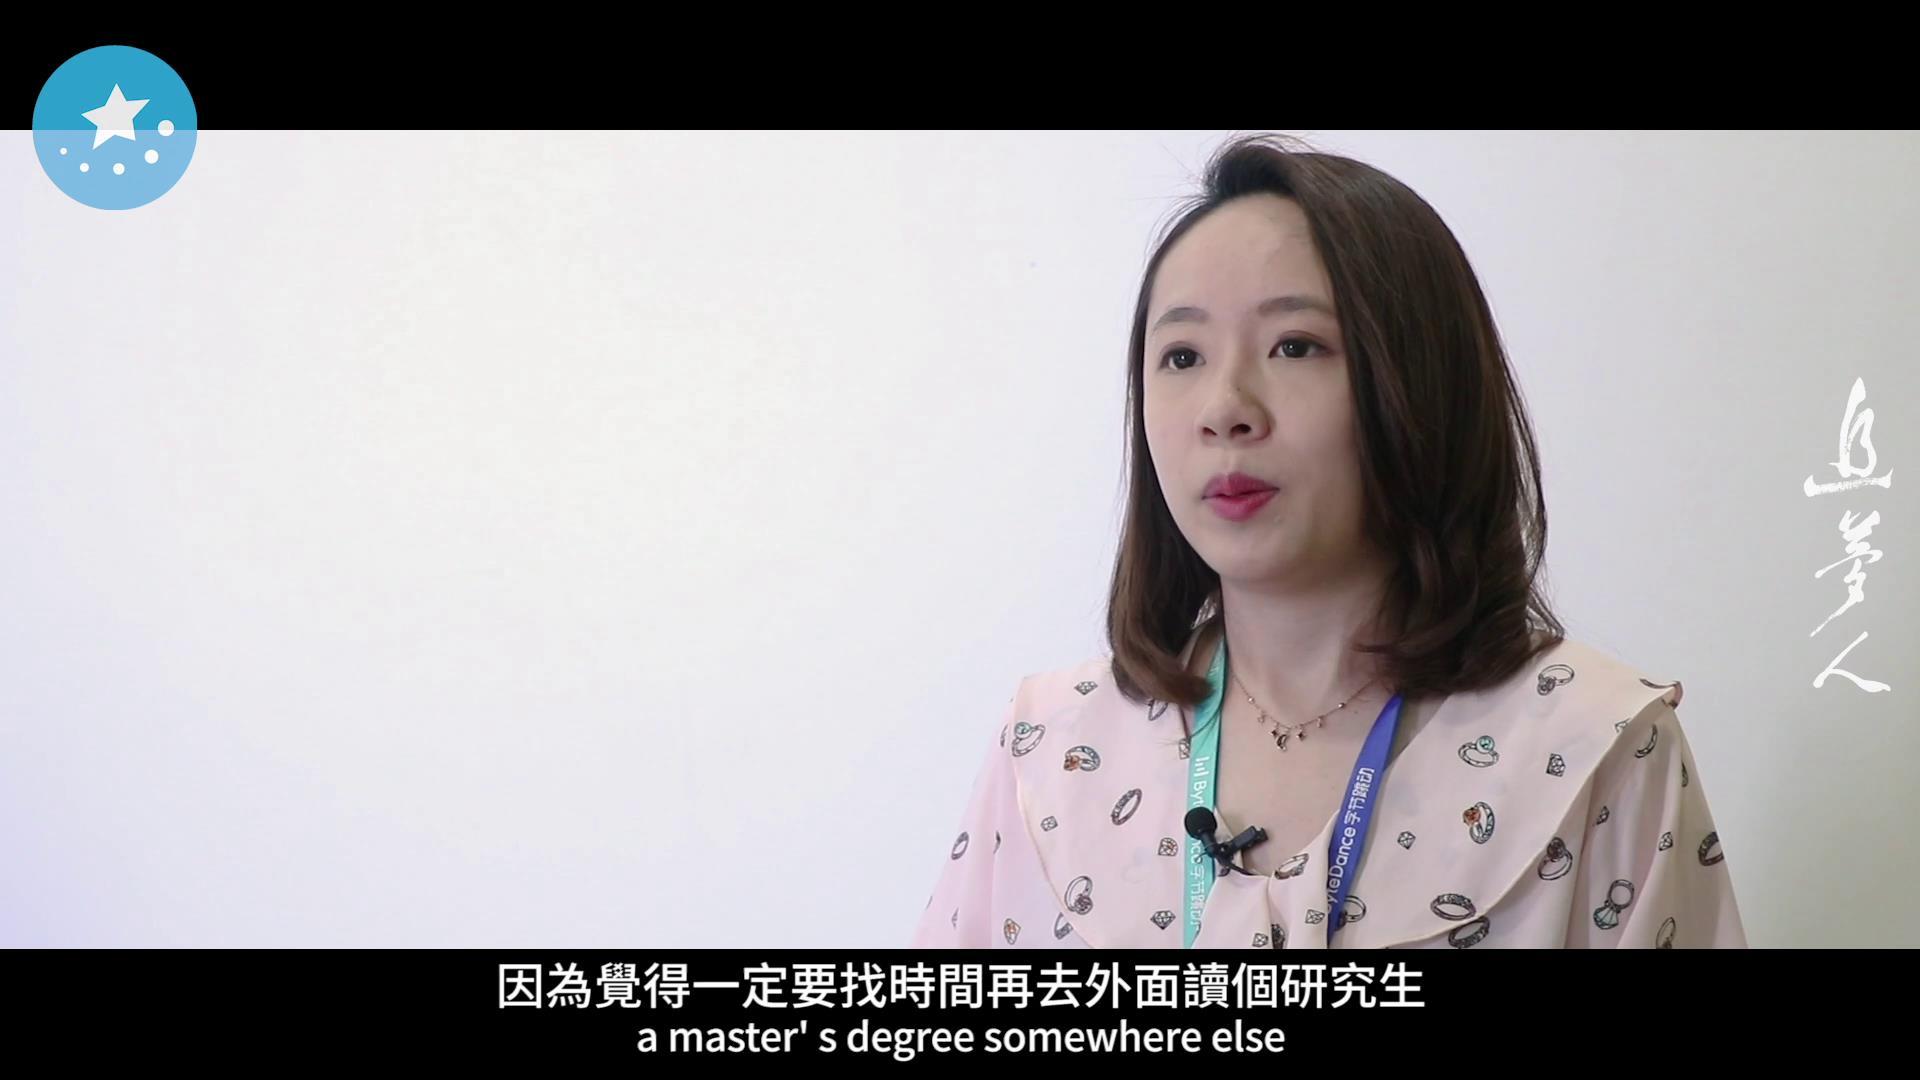 感动!台湾美女记者北大毕业留京,用大数据助两岸老兵寻亲.jpg